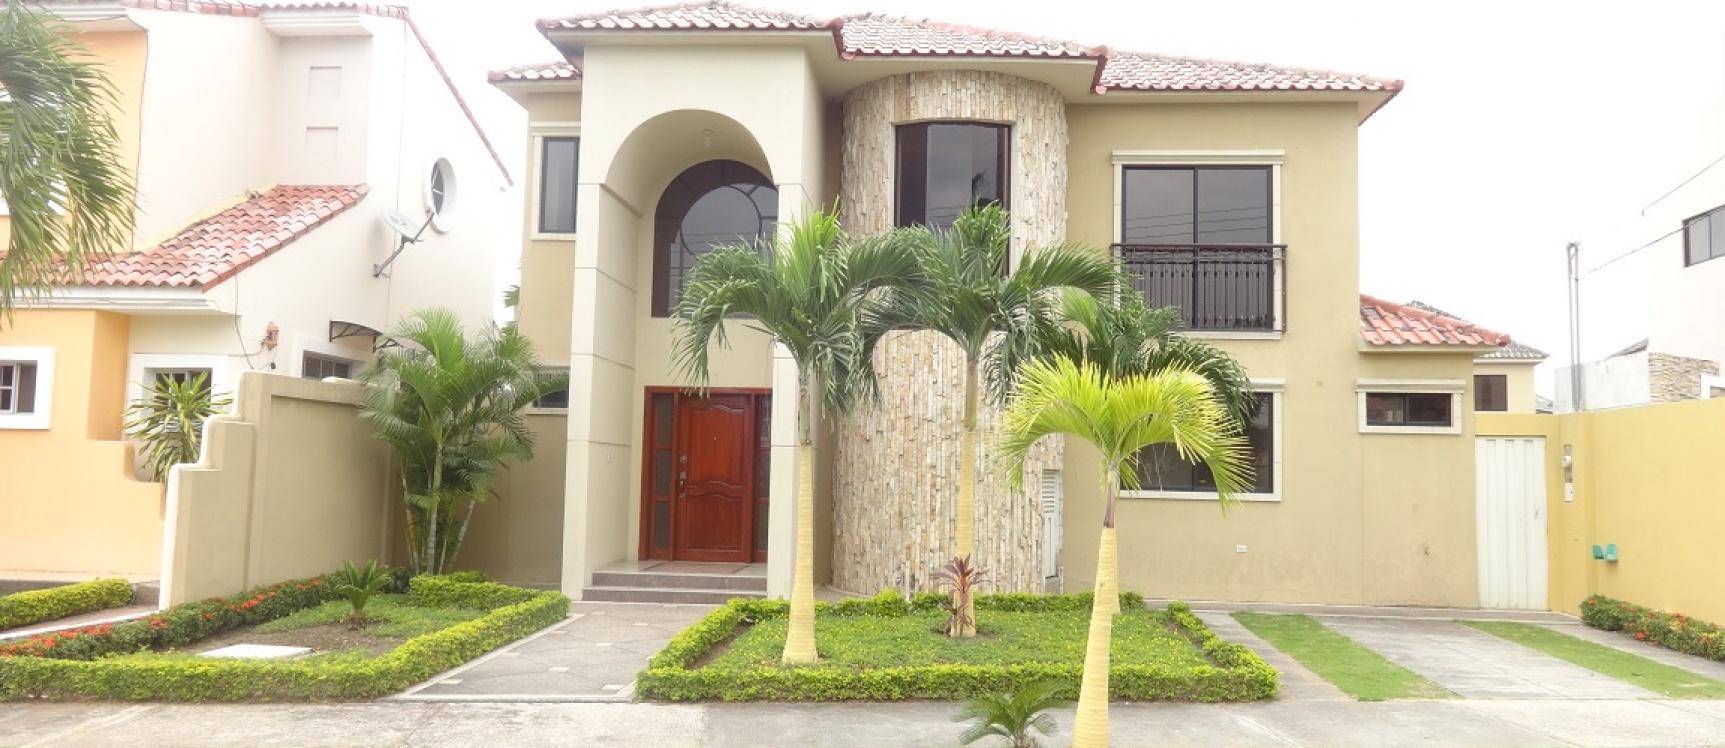 Samborondon casa en alquiler en santa maria de casa grande for Casas con piscina guayaquil